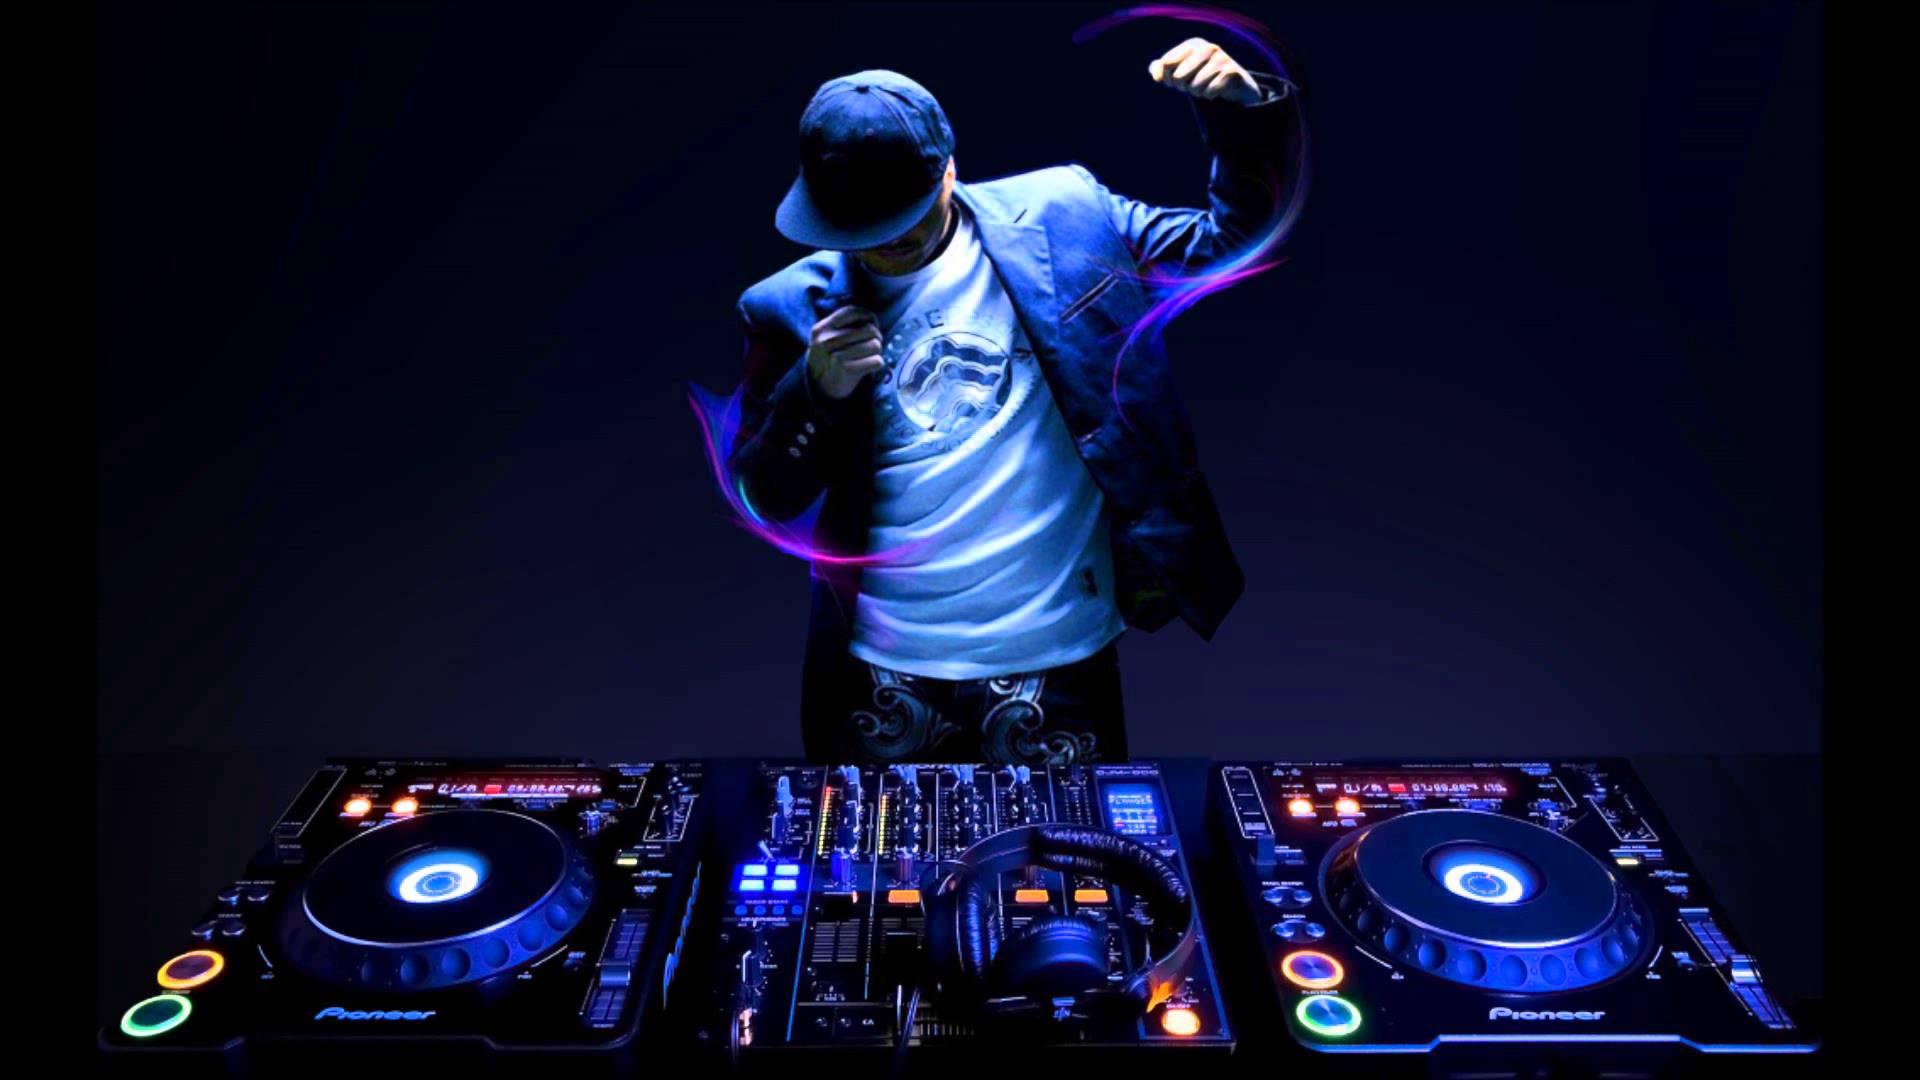 Producer (nhà sản xuất nhạc) tạo ra các bản nhạc trong các studio bằng các phần mềm và thiết bị điện tử của mình. Họ tạo ra các sản phẩm nhạc của ...